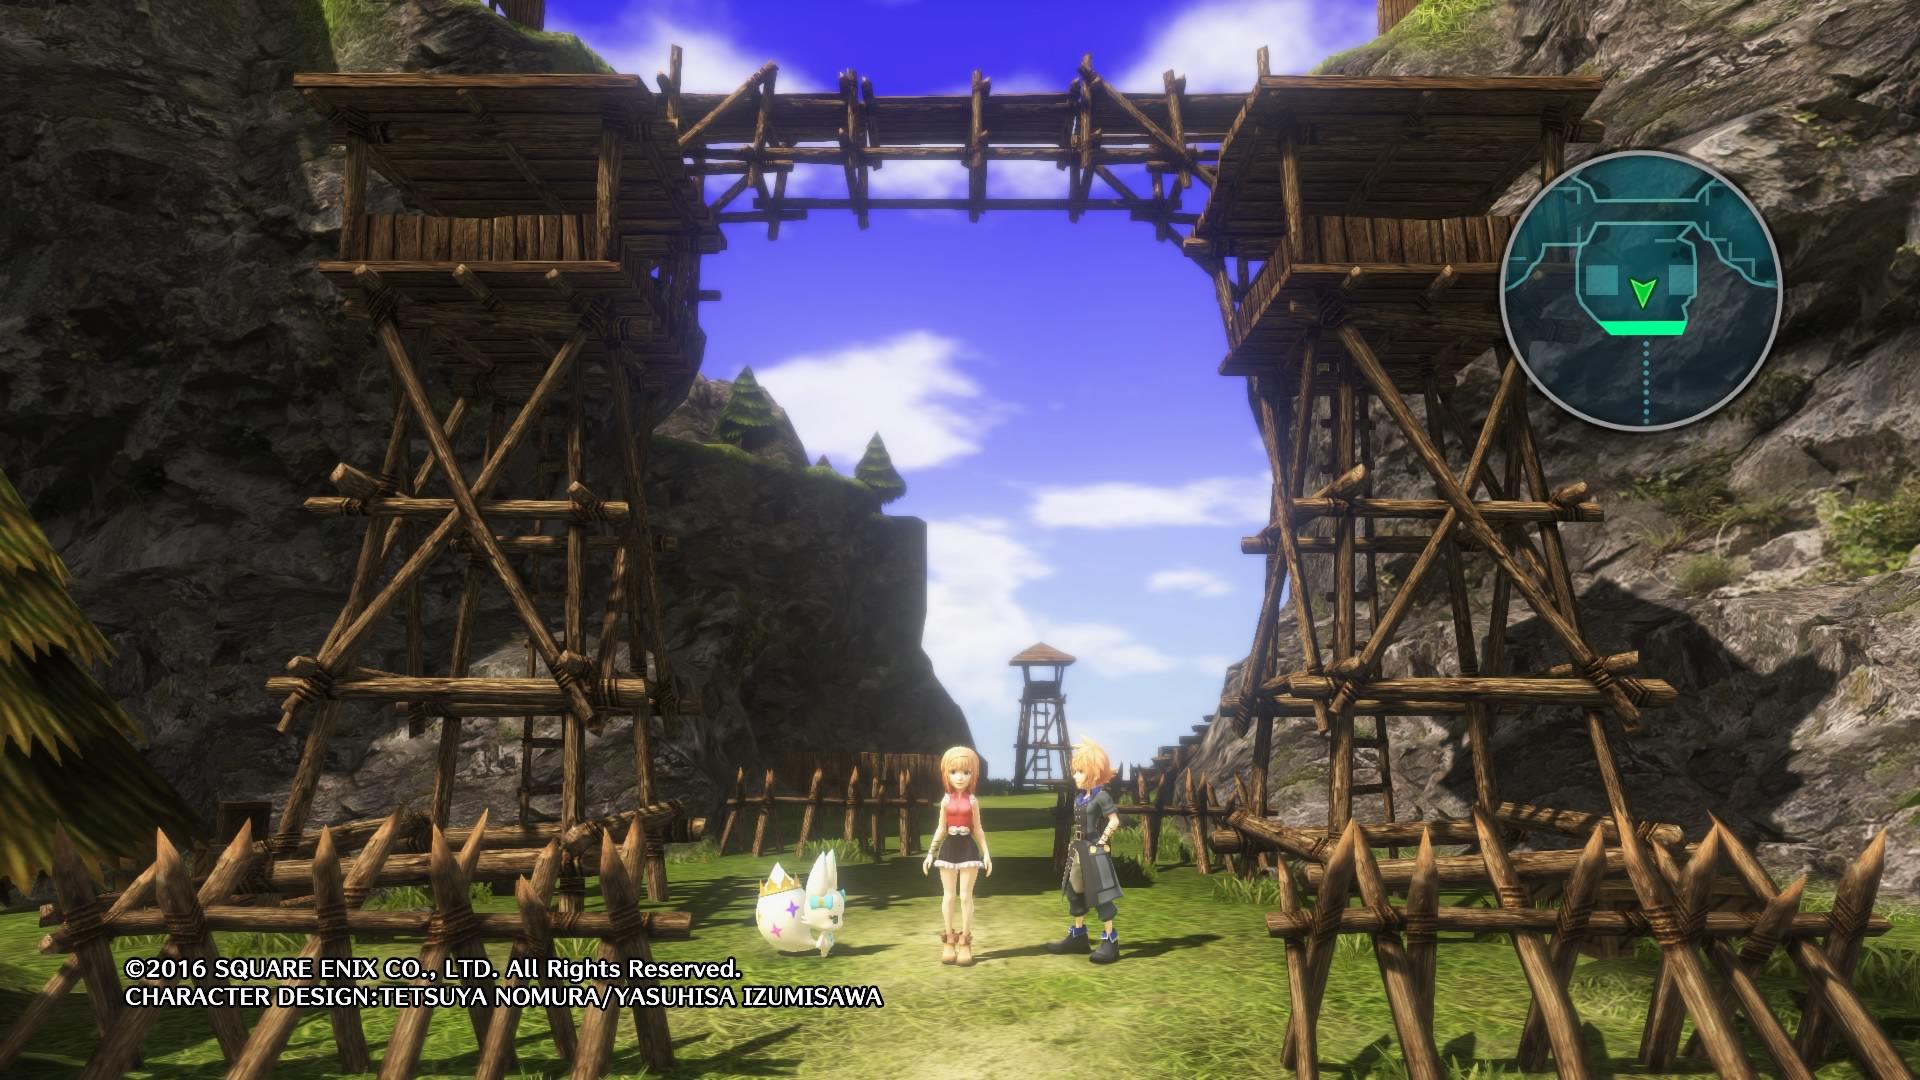 WORLD OF FINAL FANTASY Dungeon Demo_20161017180635